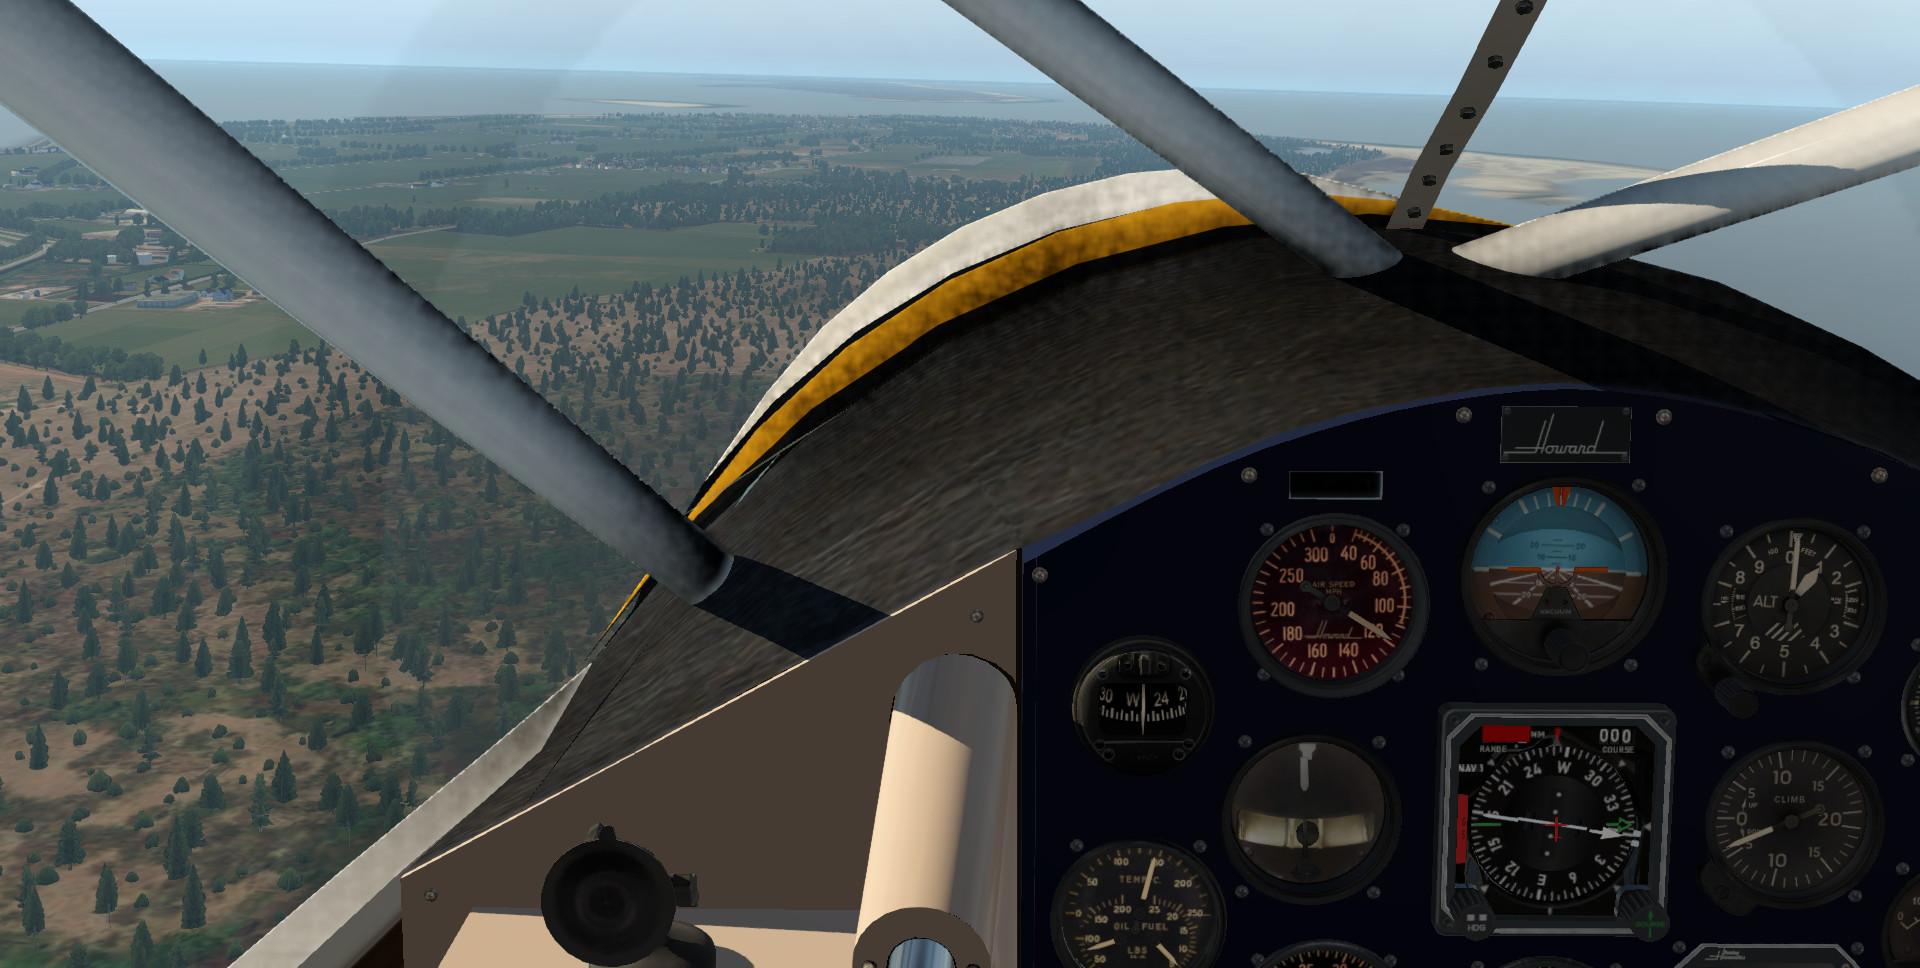 nordseerundflug-024oykdd.jpg